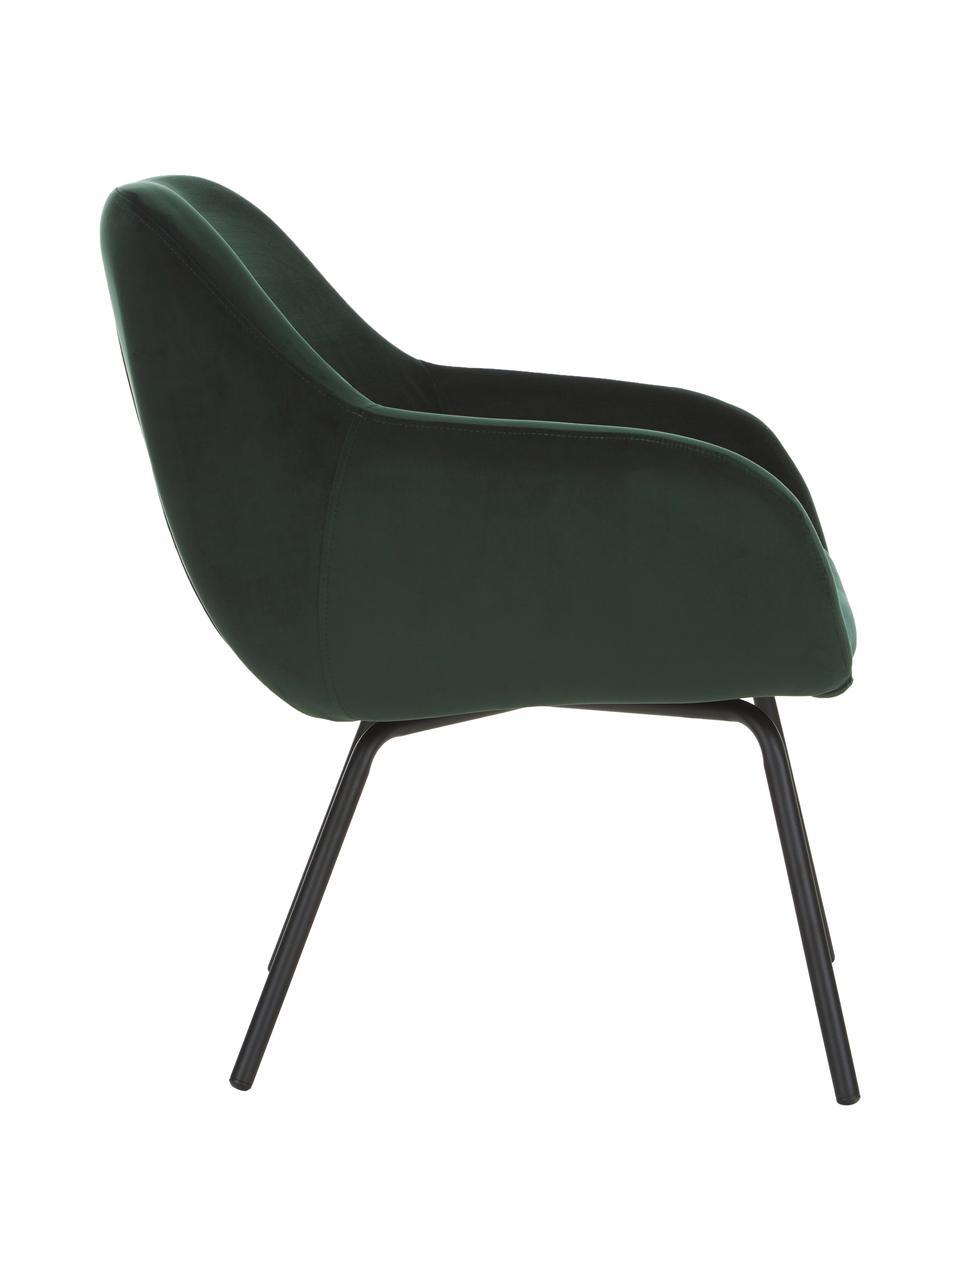 Fotel koktajlowy z aksamitu Jana, Tapicerka: aksamit (poliester) Dzięk, Nogi: metal malowany proszkowo, Aksamitny ciemny zielony, S 72 x G 68 cm